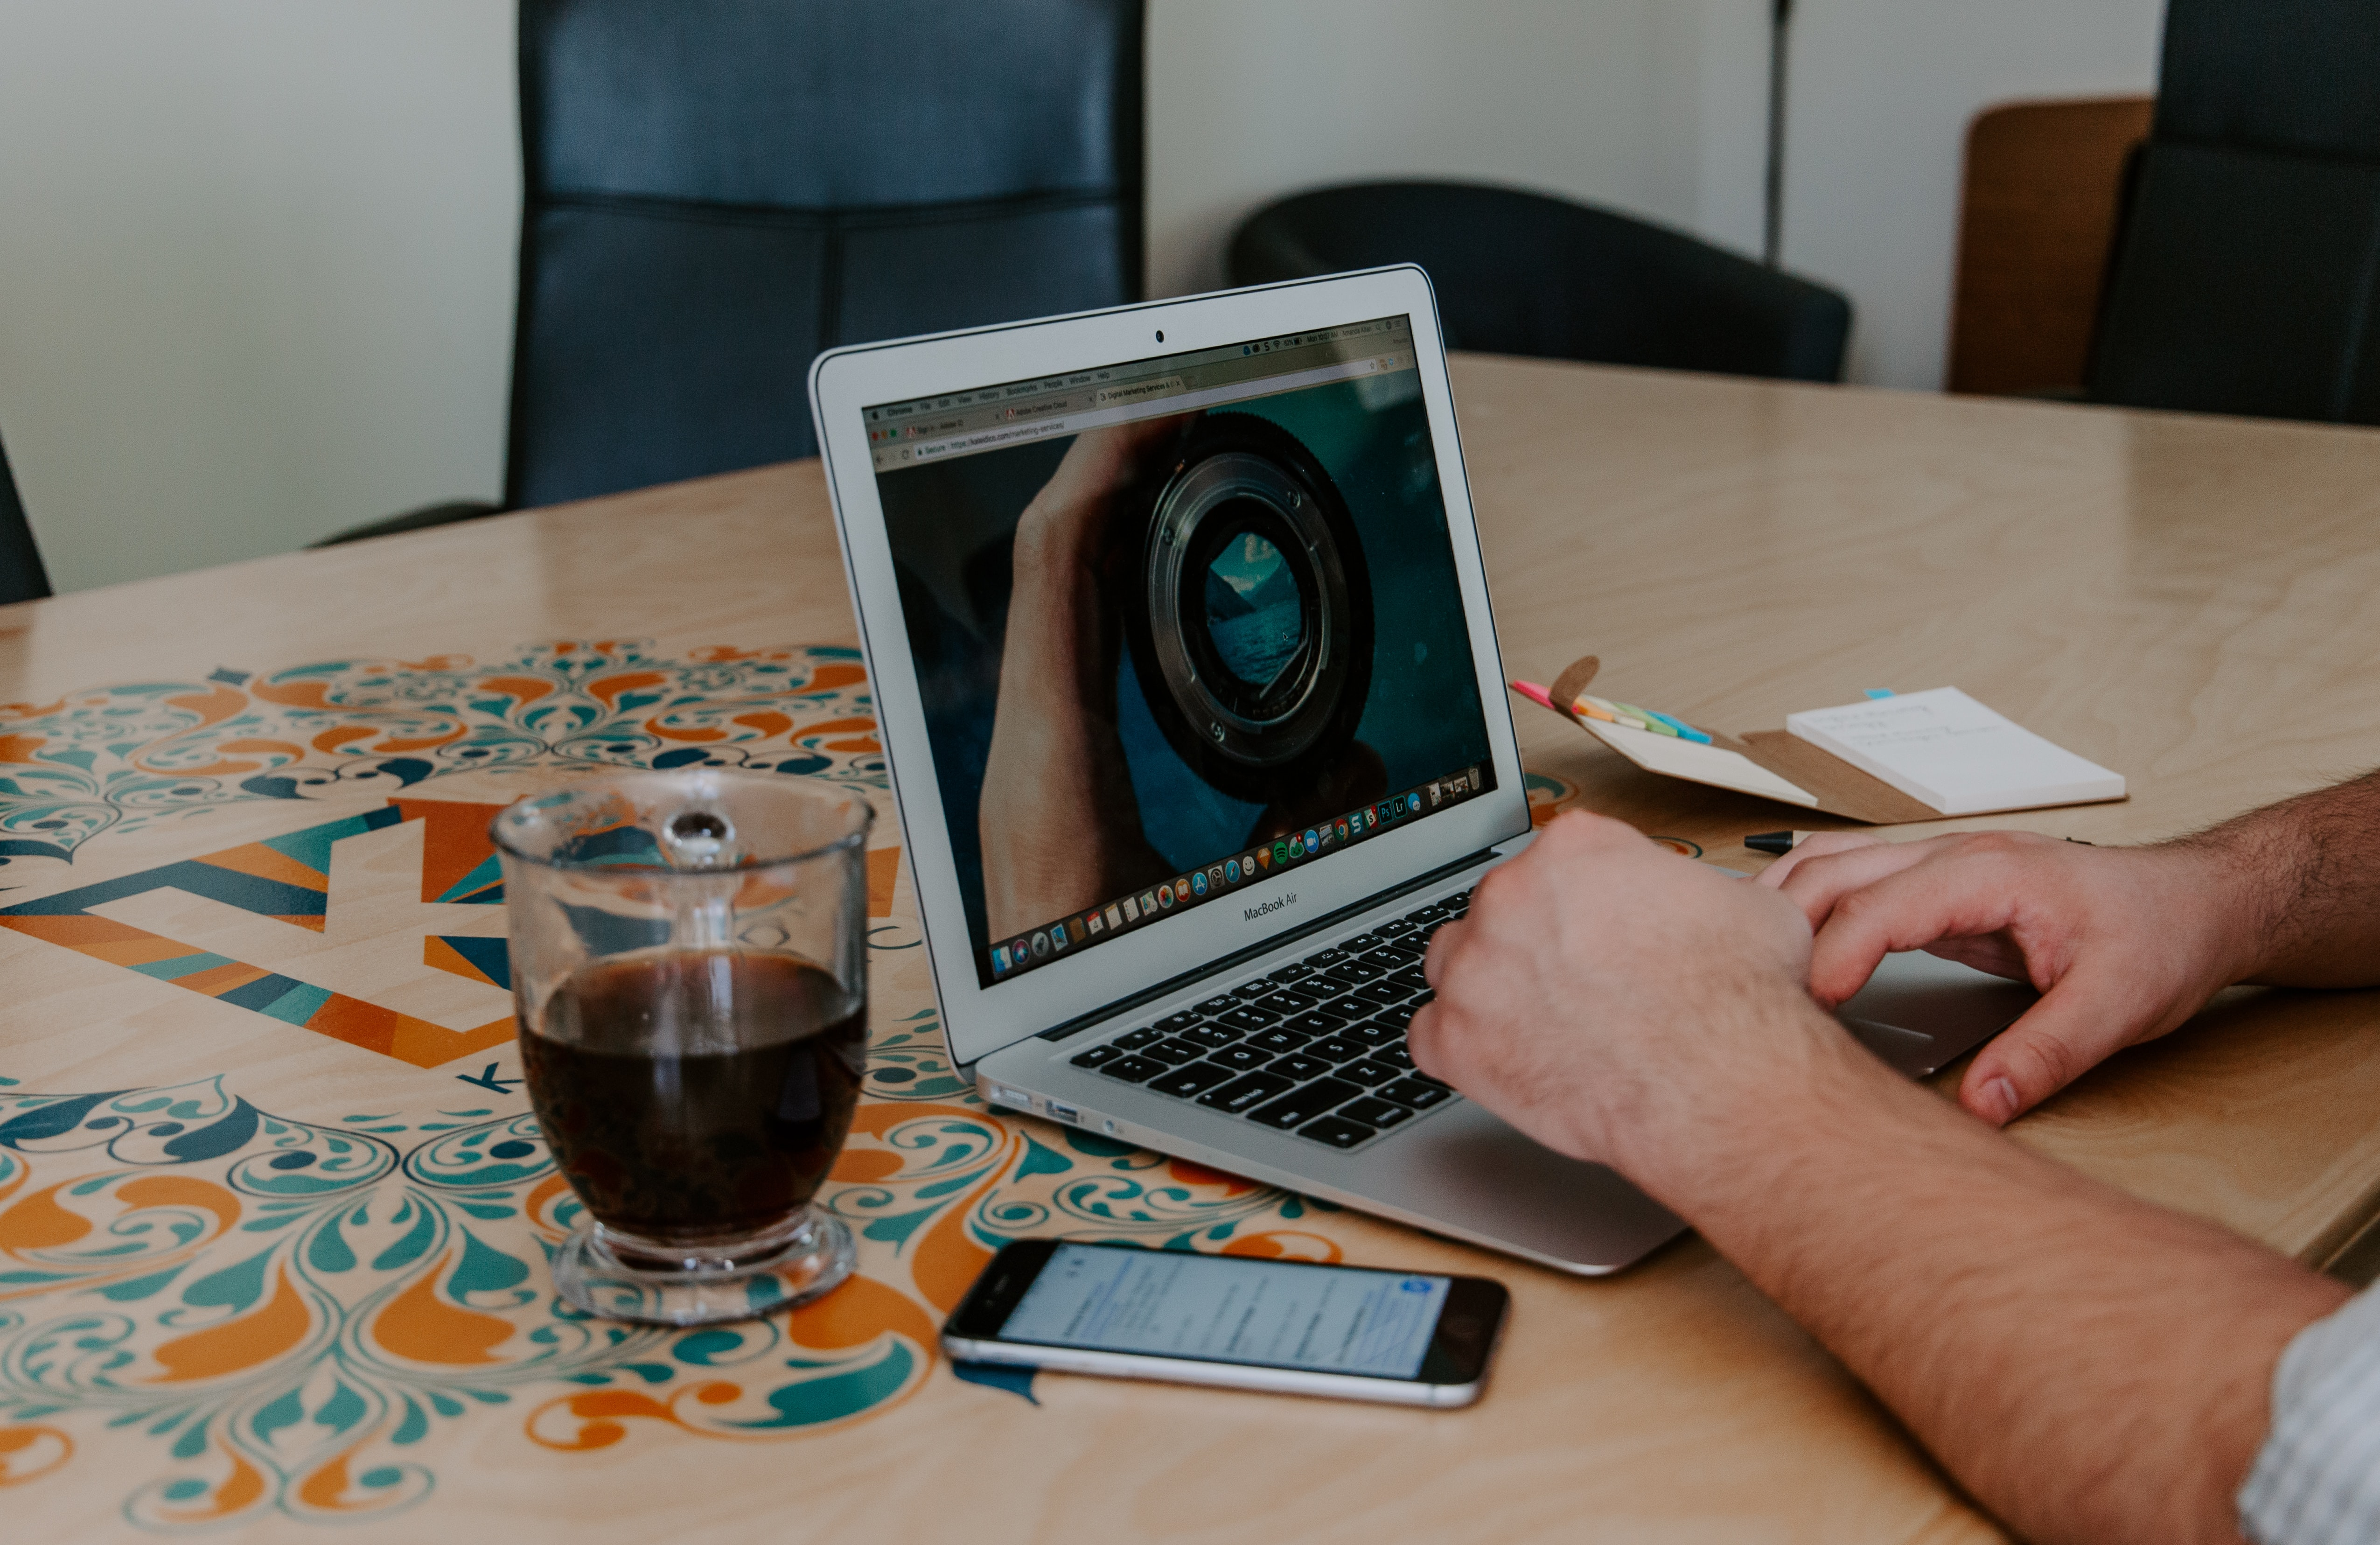 Ein aufgeklappter Computer, ein paar Hände, die zum Computer greifen. Daneben steht ein Getränk.